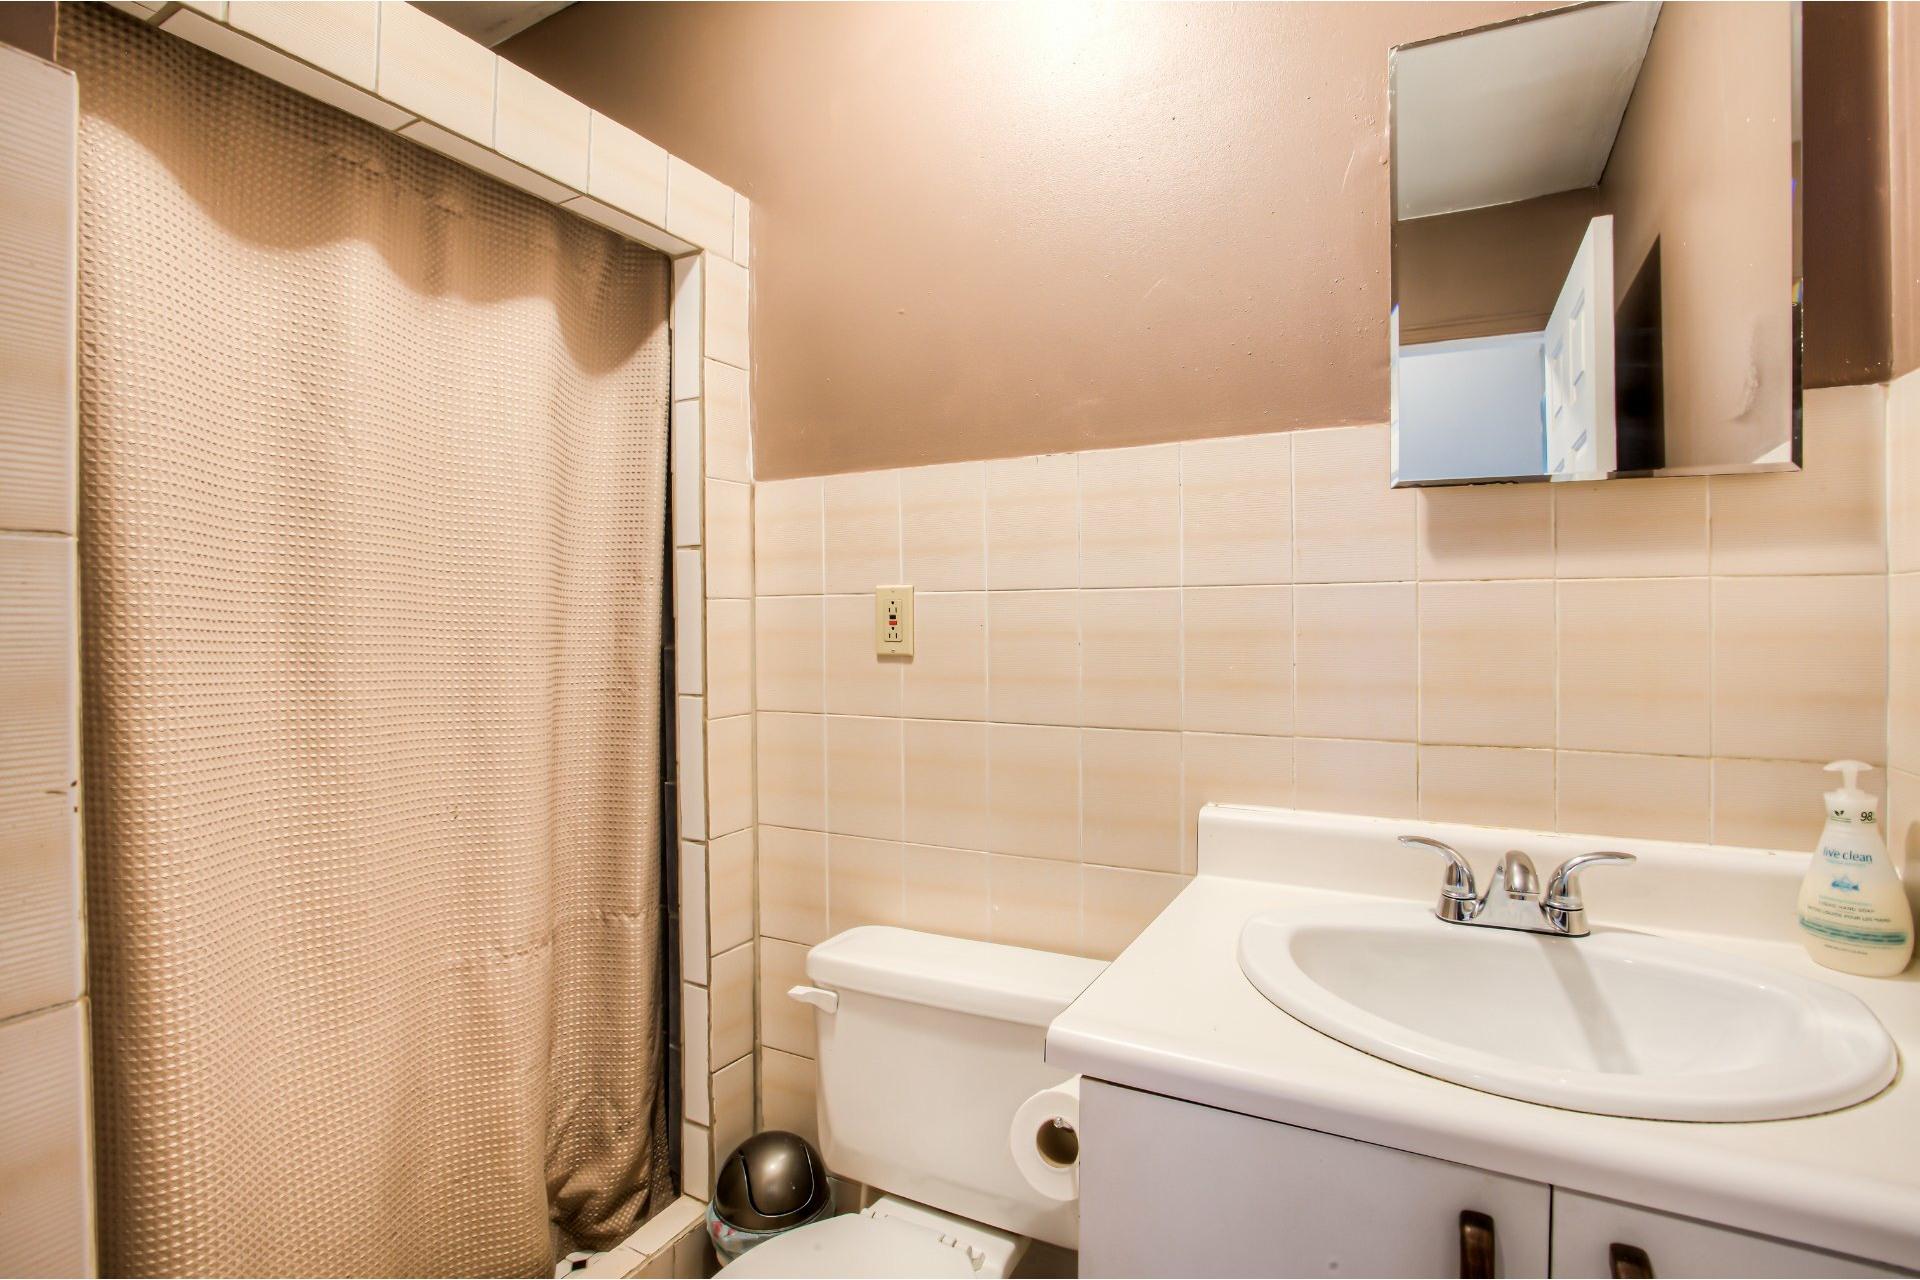 image 14 - Maison À vendre Pierrefonds-Roxboro Montréal  - 8 pièces